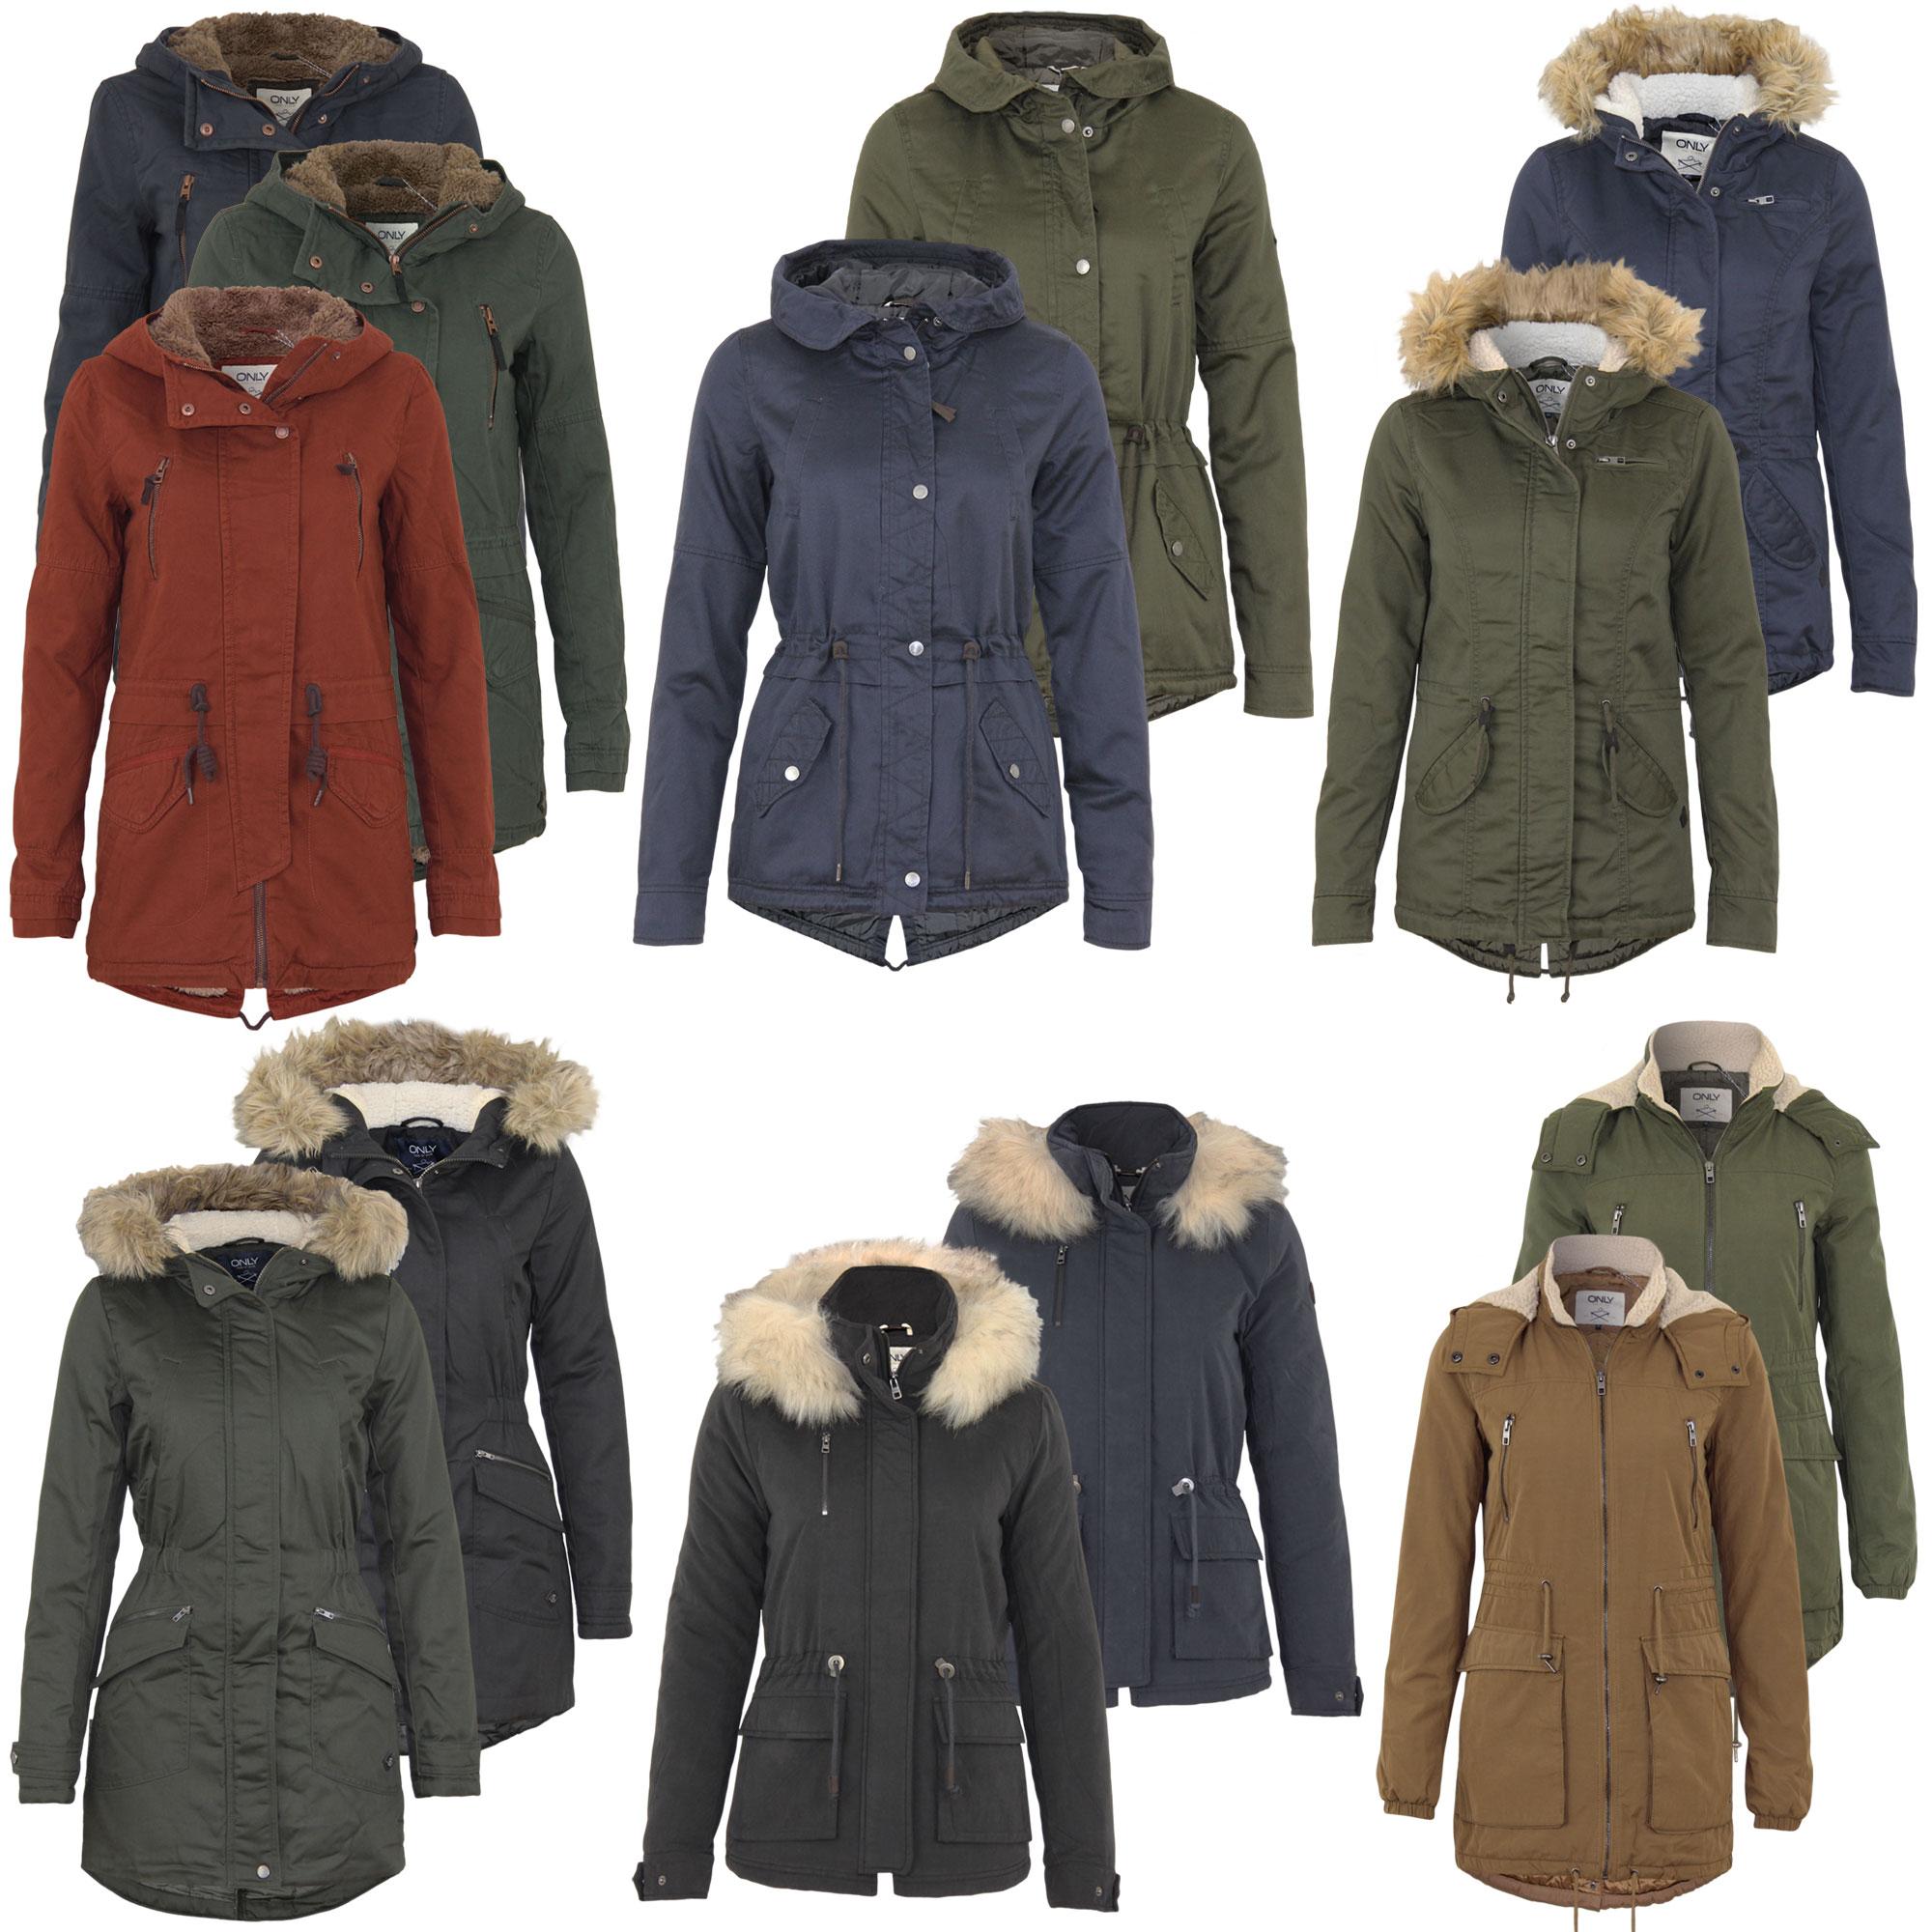 Unico Signore transizione   invernale Giubbini parka con cappuccio cappotto  giacca parka 28aa9d006b6